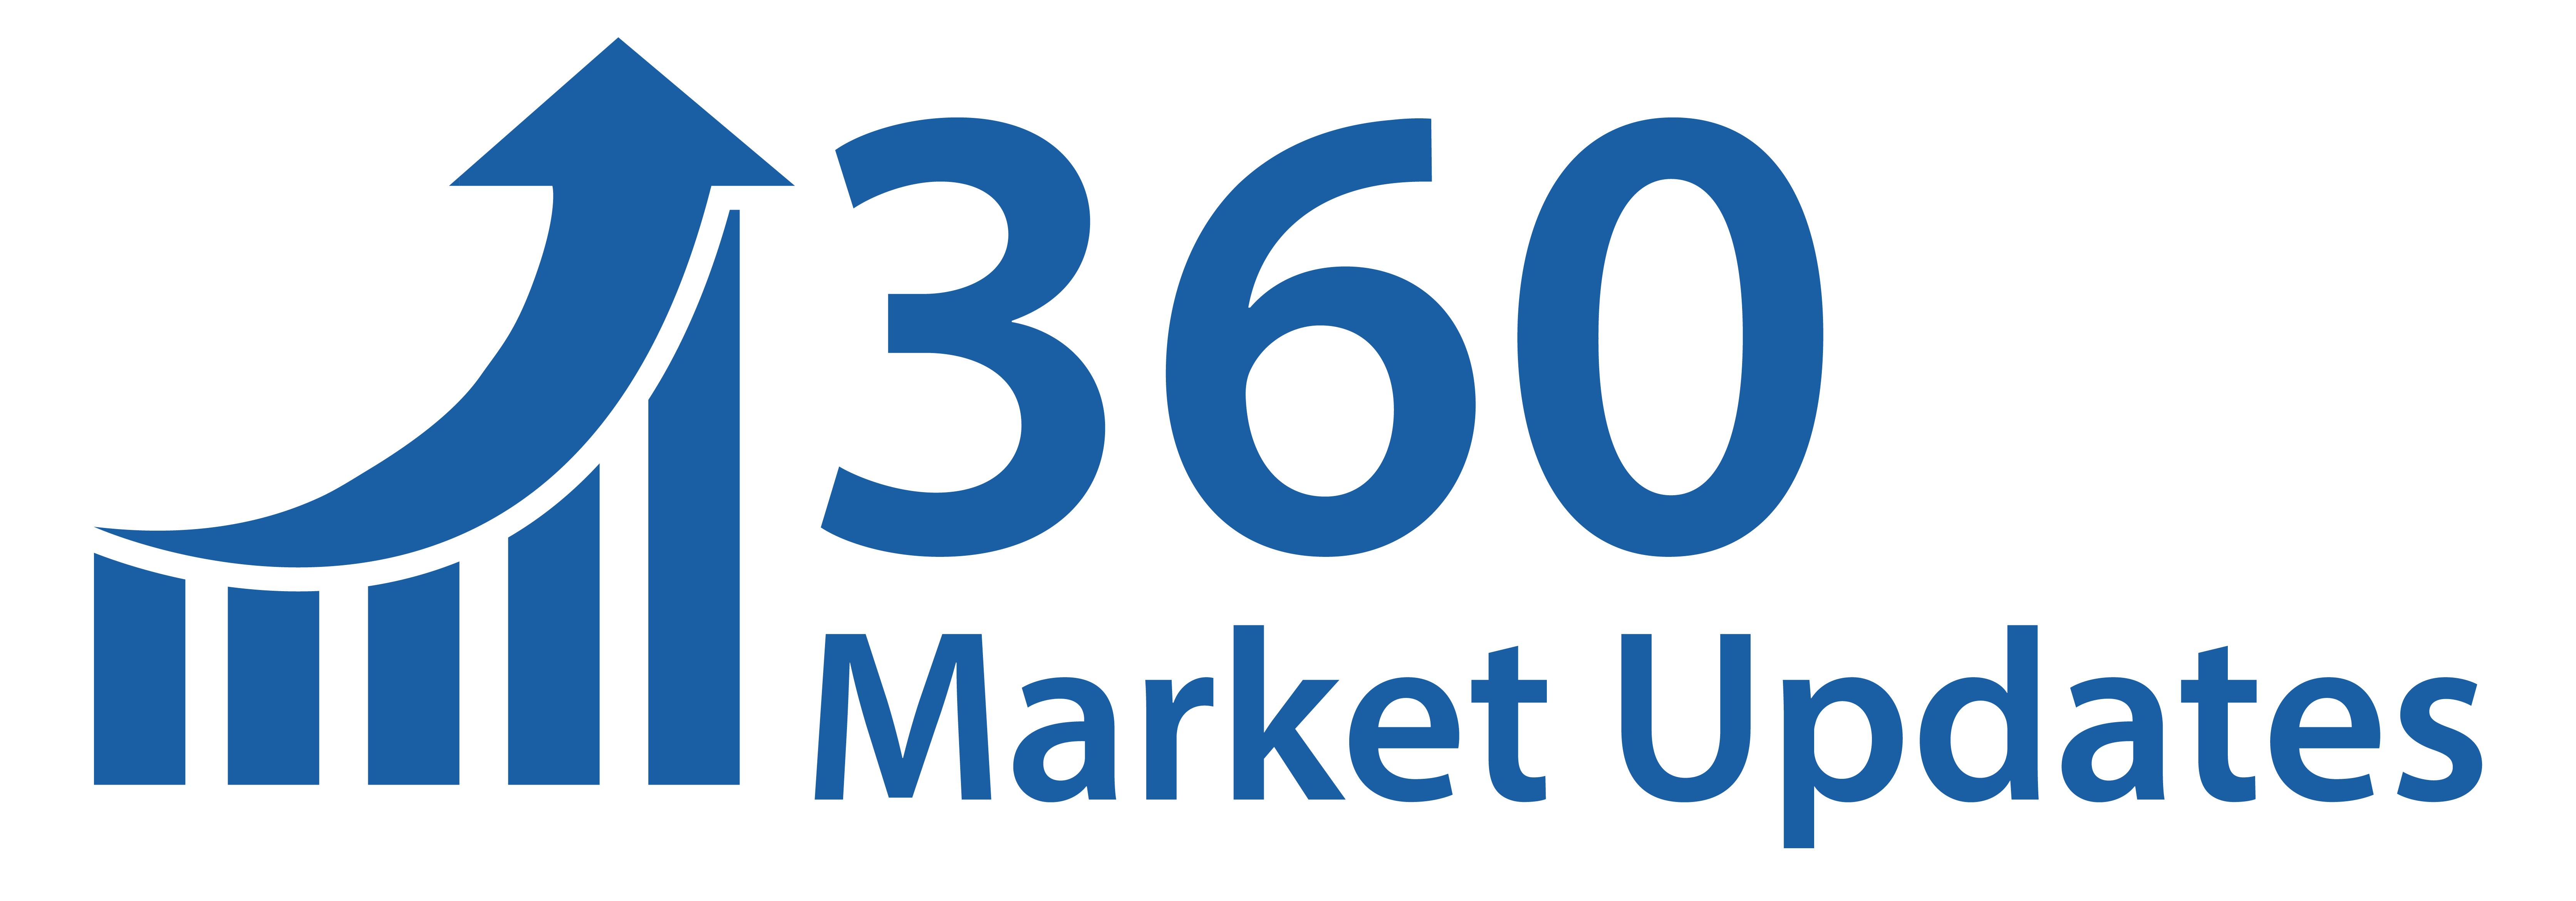 Dermal Curettes Market Key Trends, Opportunities & Development Factors to reach CAGR of 4.41% in 2023